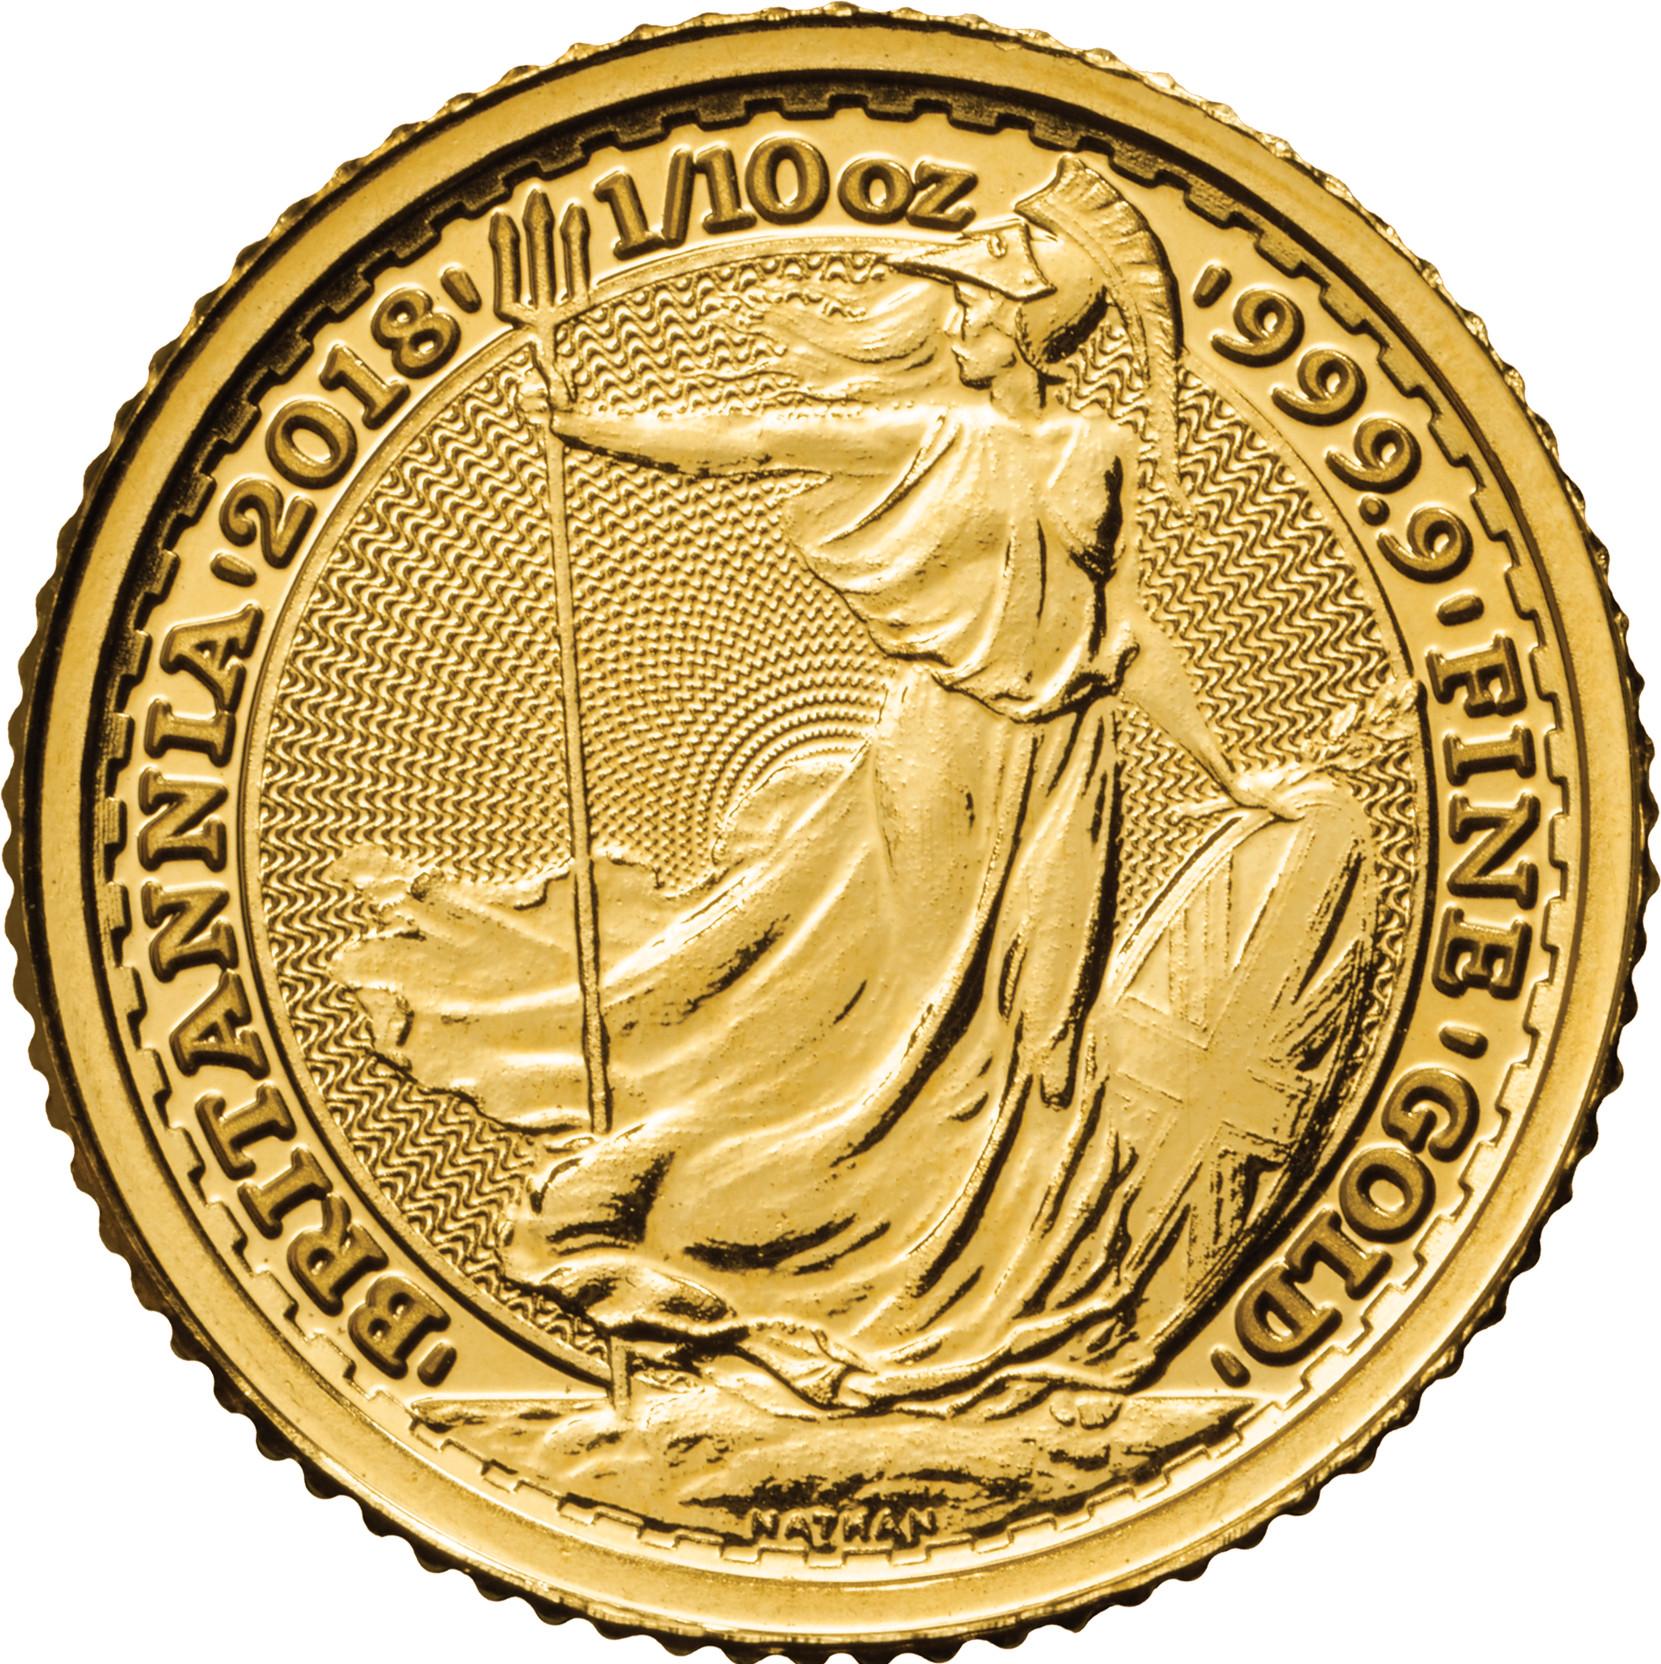 2018 Tenth Ounce Gold Britannia 163 112